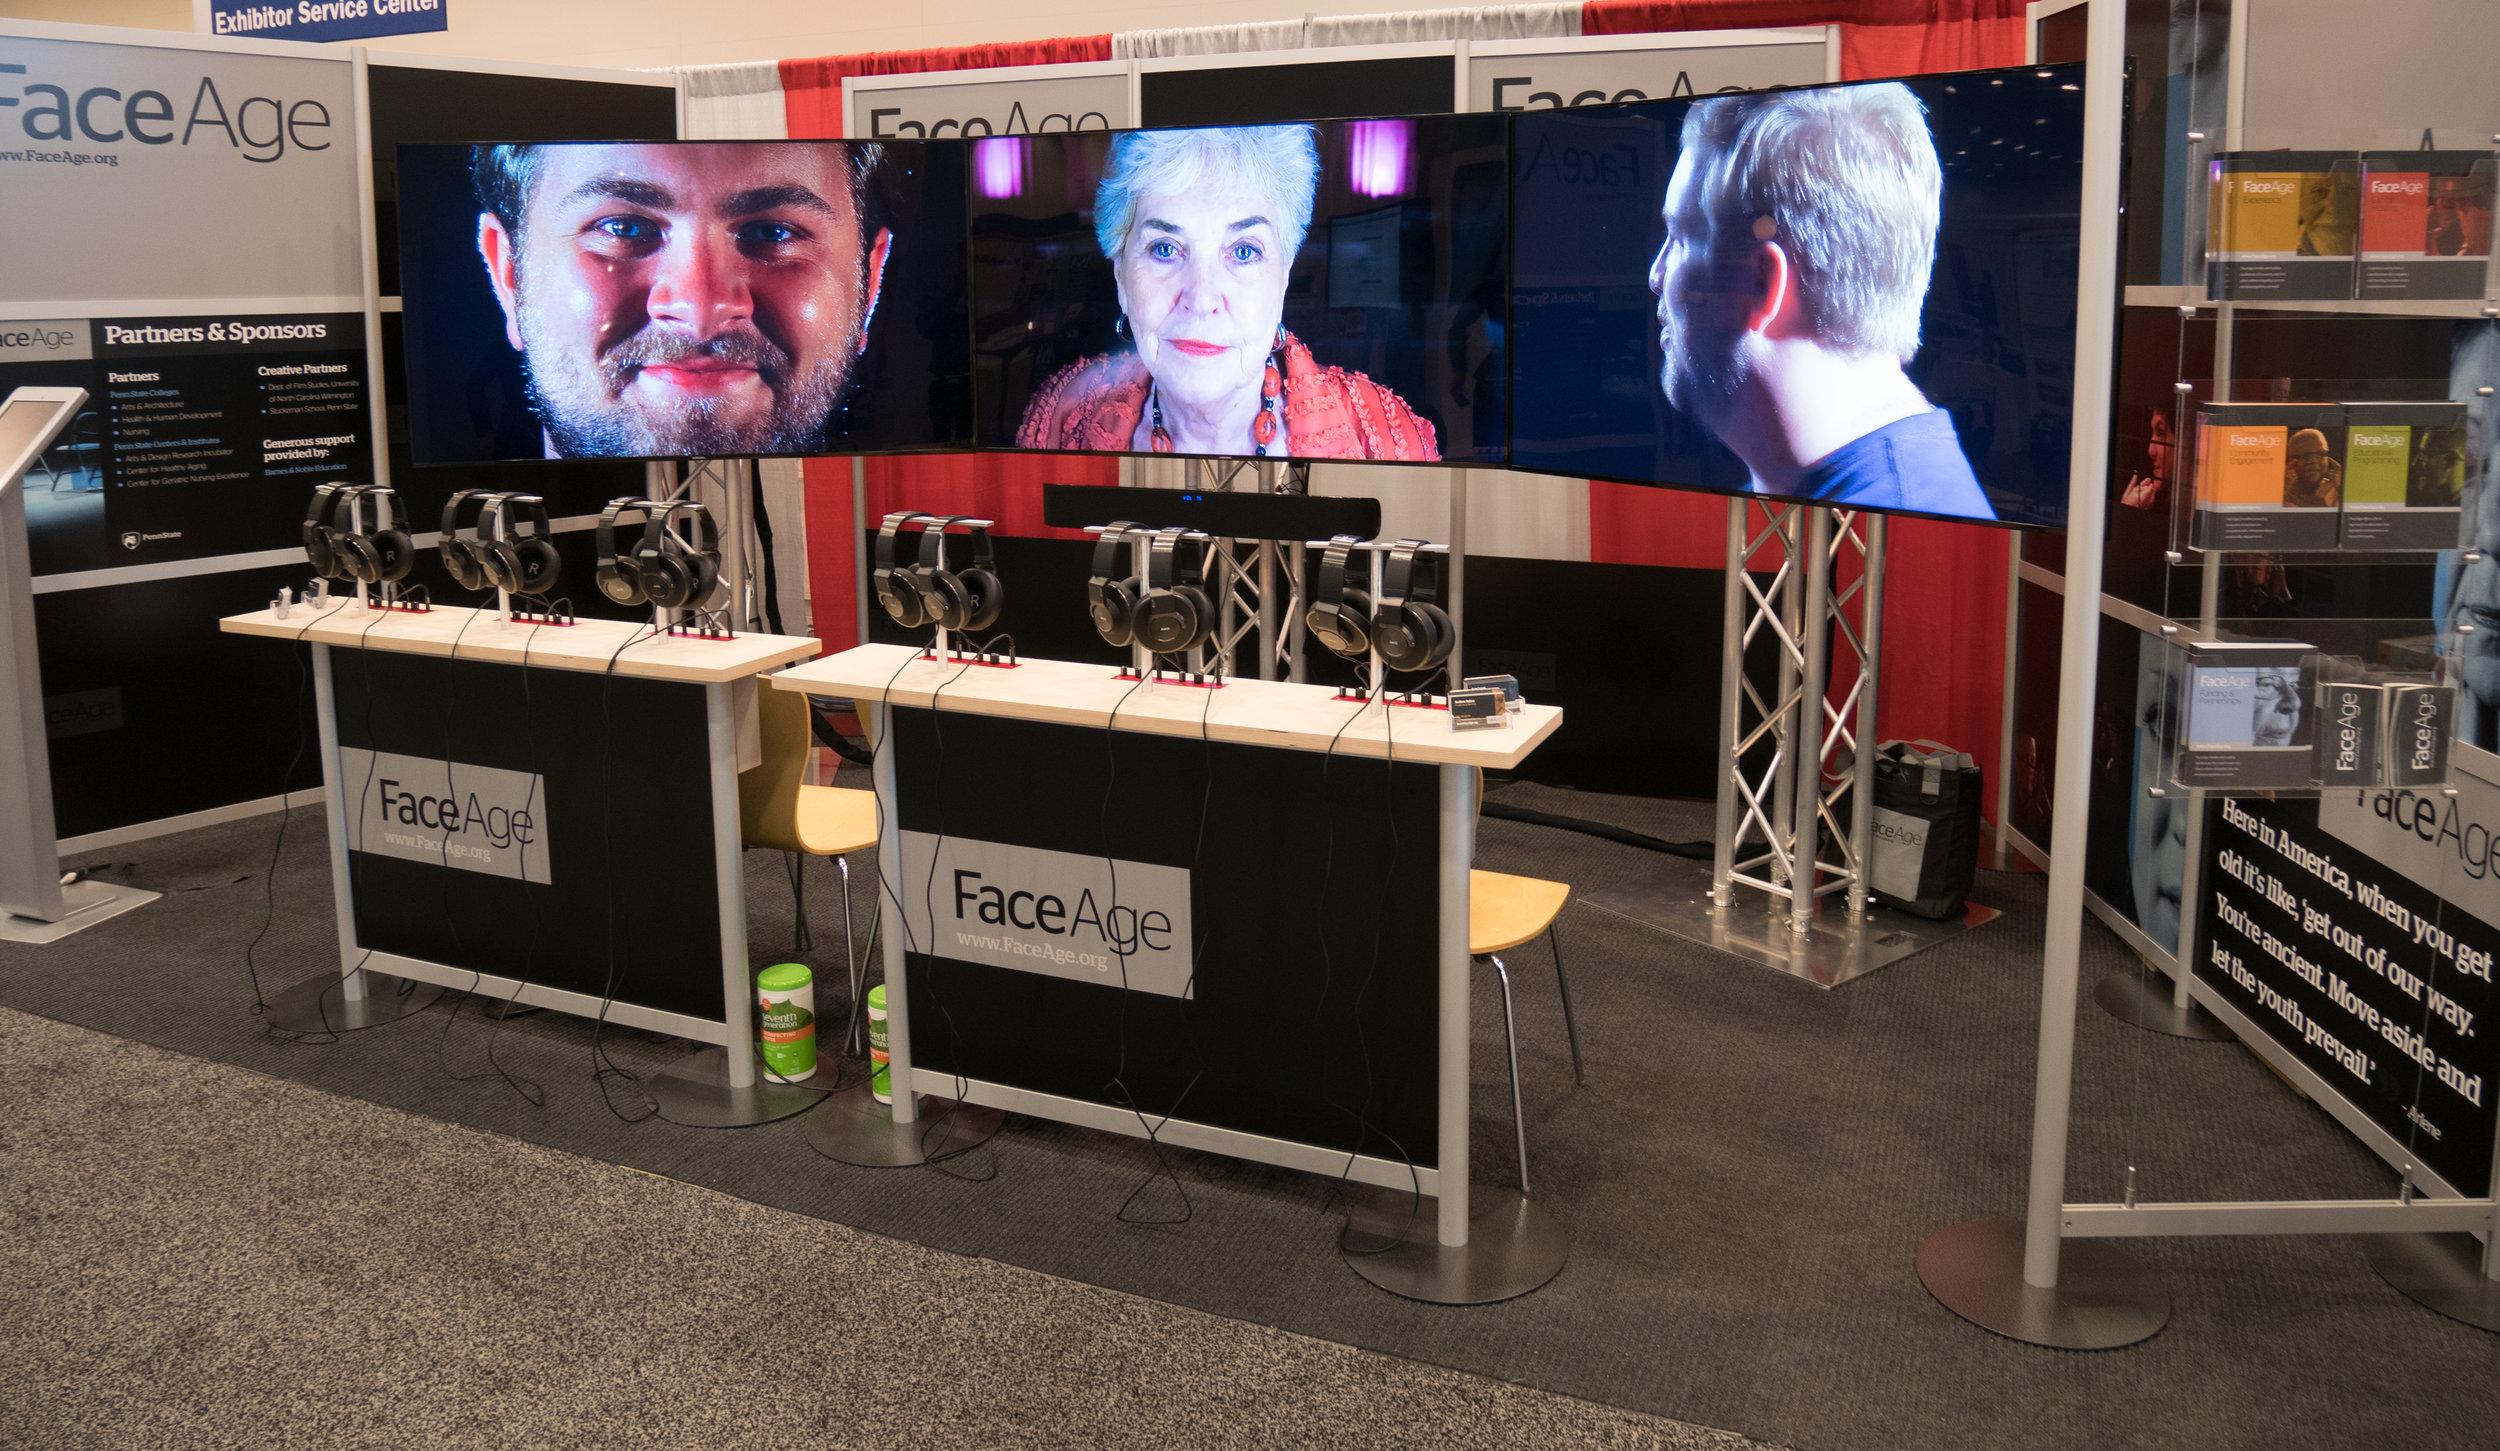 Alcove FaceAge copy.jpg